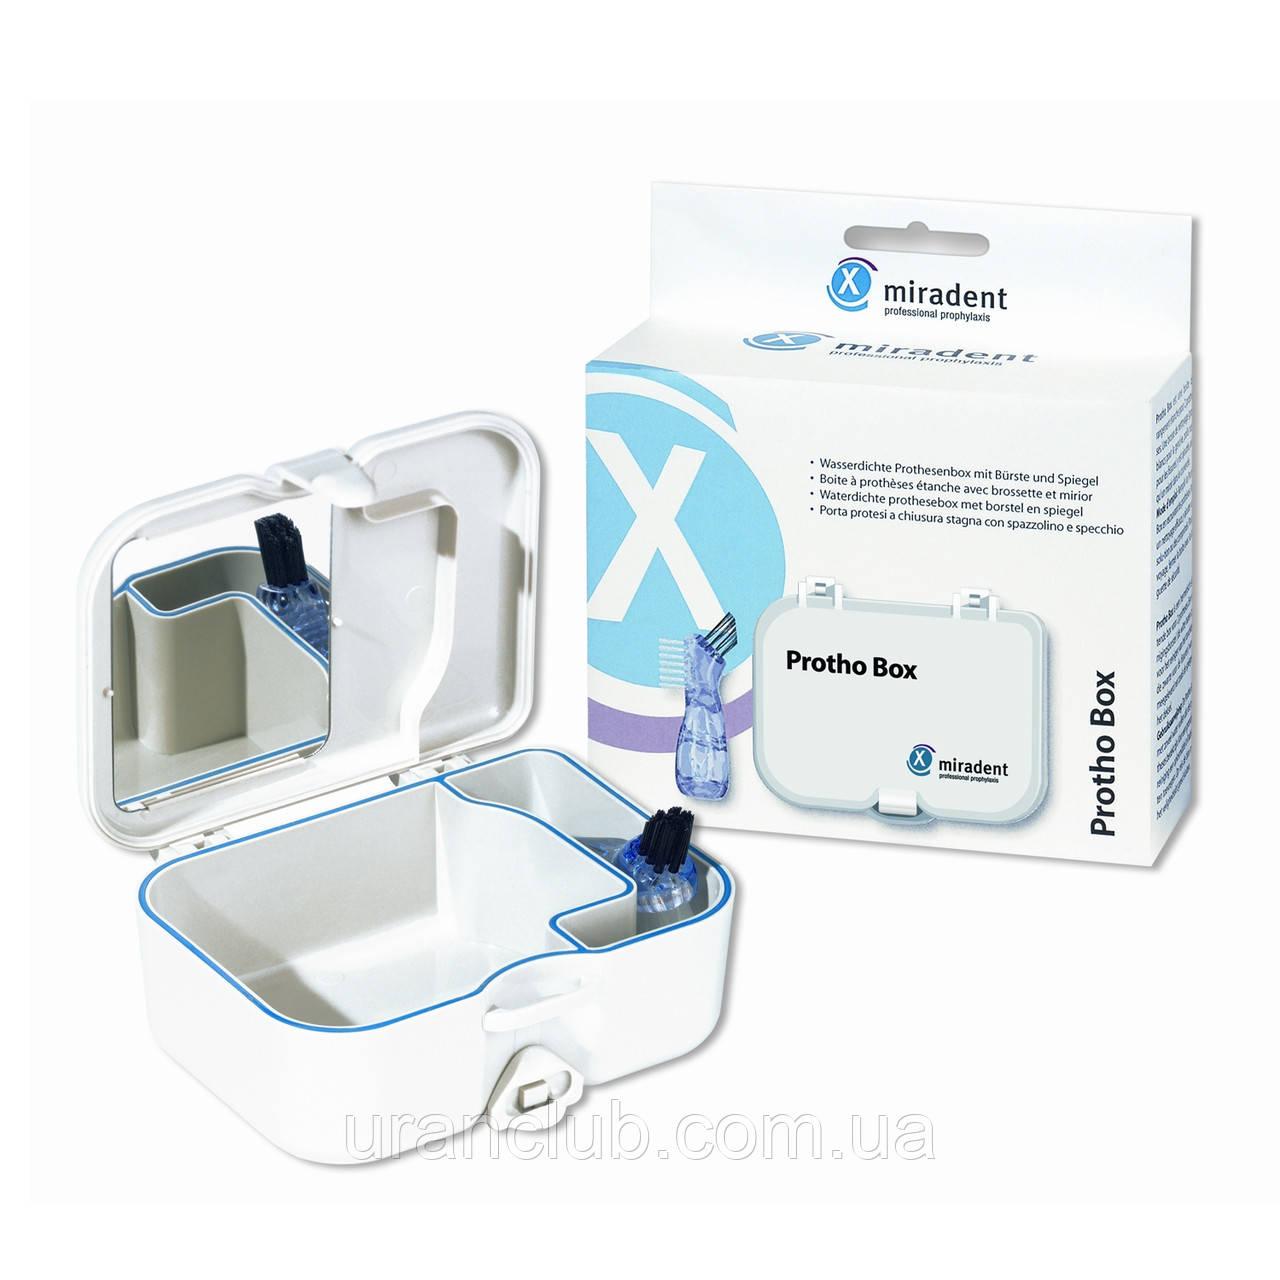 контейнер для протезов PROTHO BOX (ПРОТО БОКС)